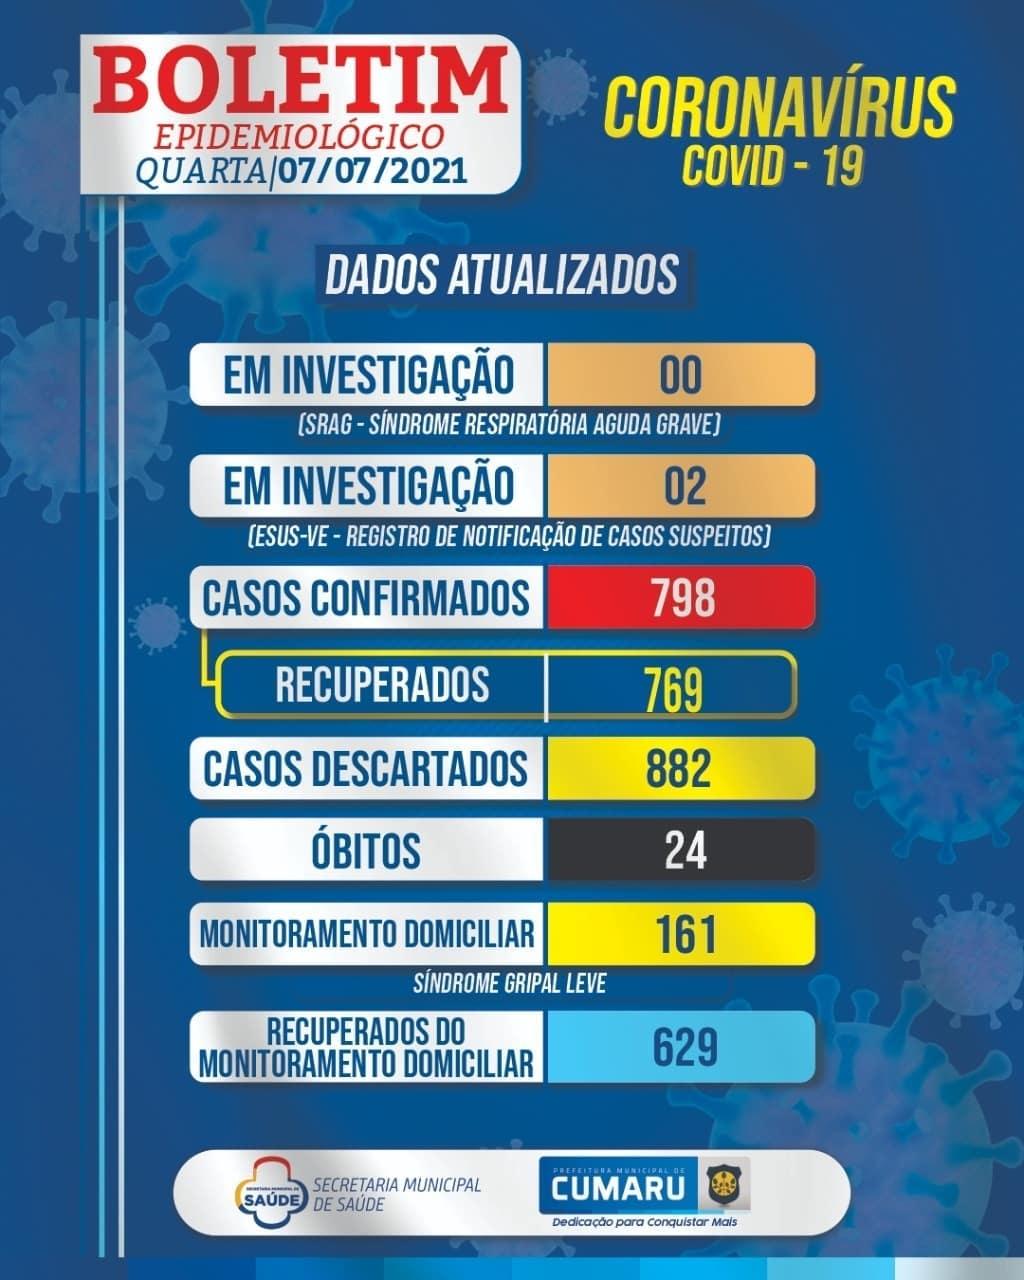 COVID-19: BOLETIM DIÁRIO DA SECRETARIA DE SAÚDE – 07.07.2021